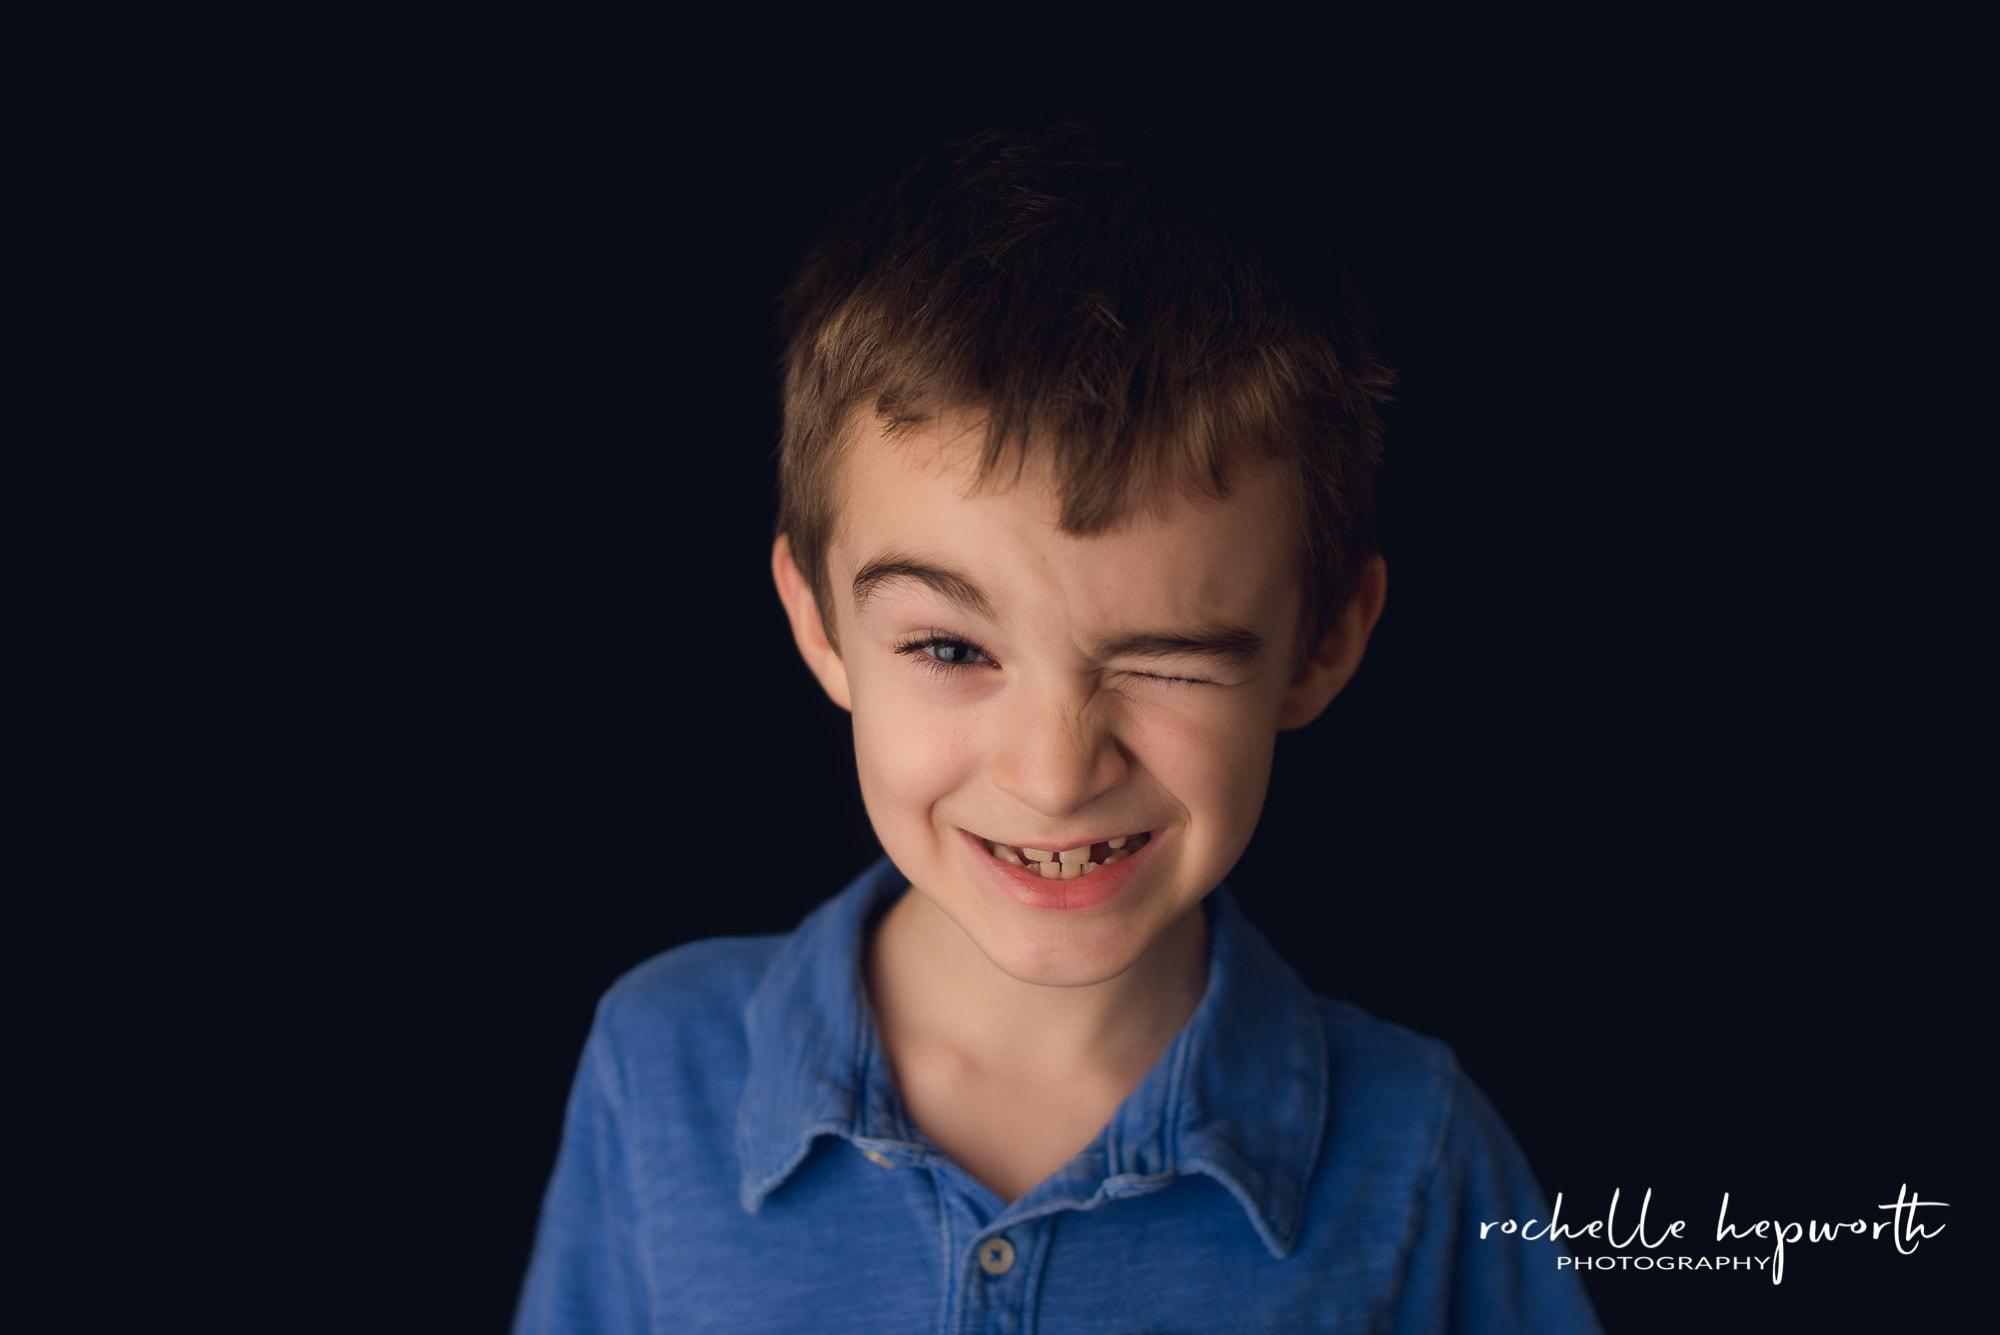 boy winking in fine art school portrait